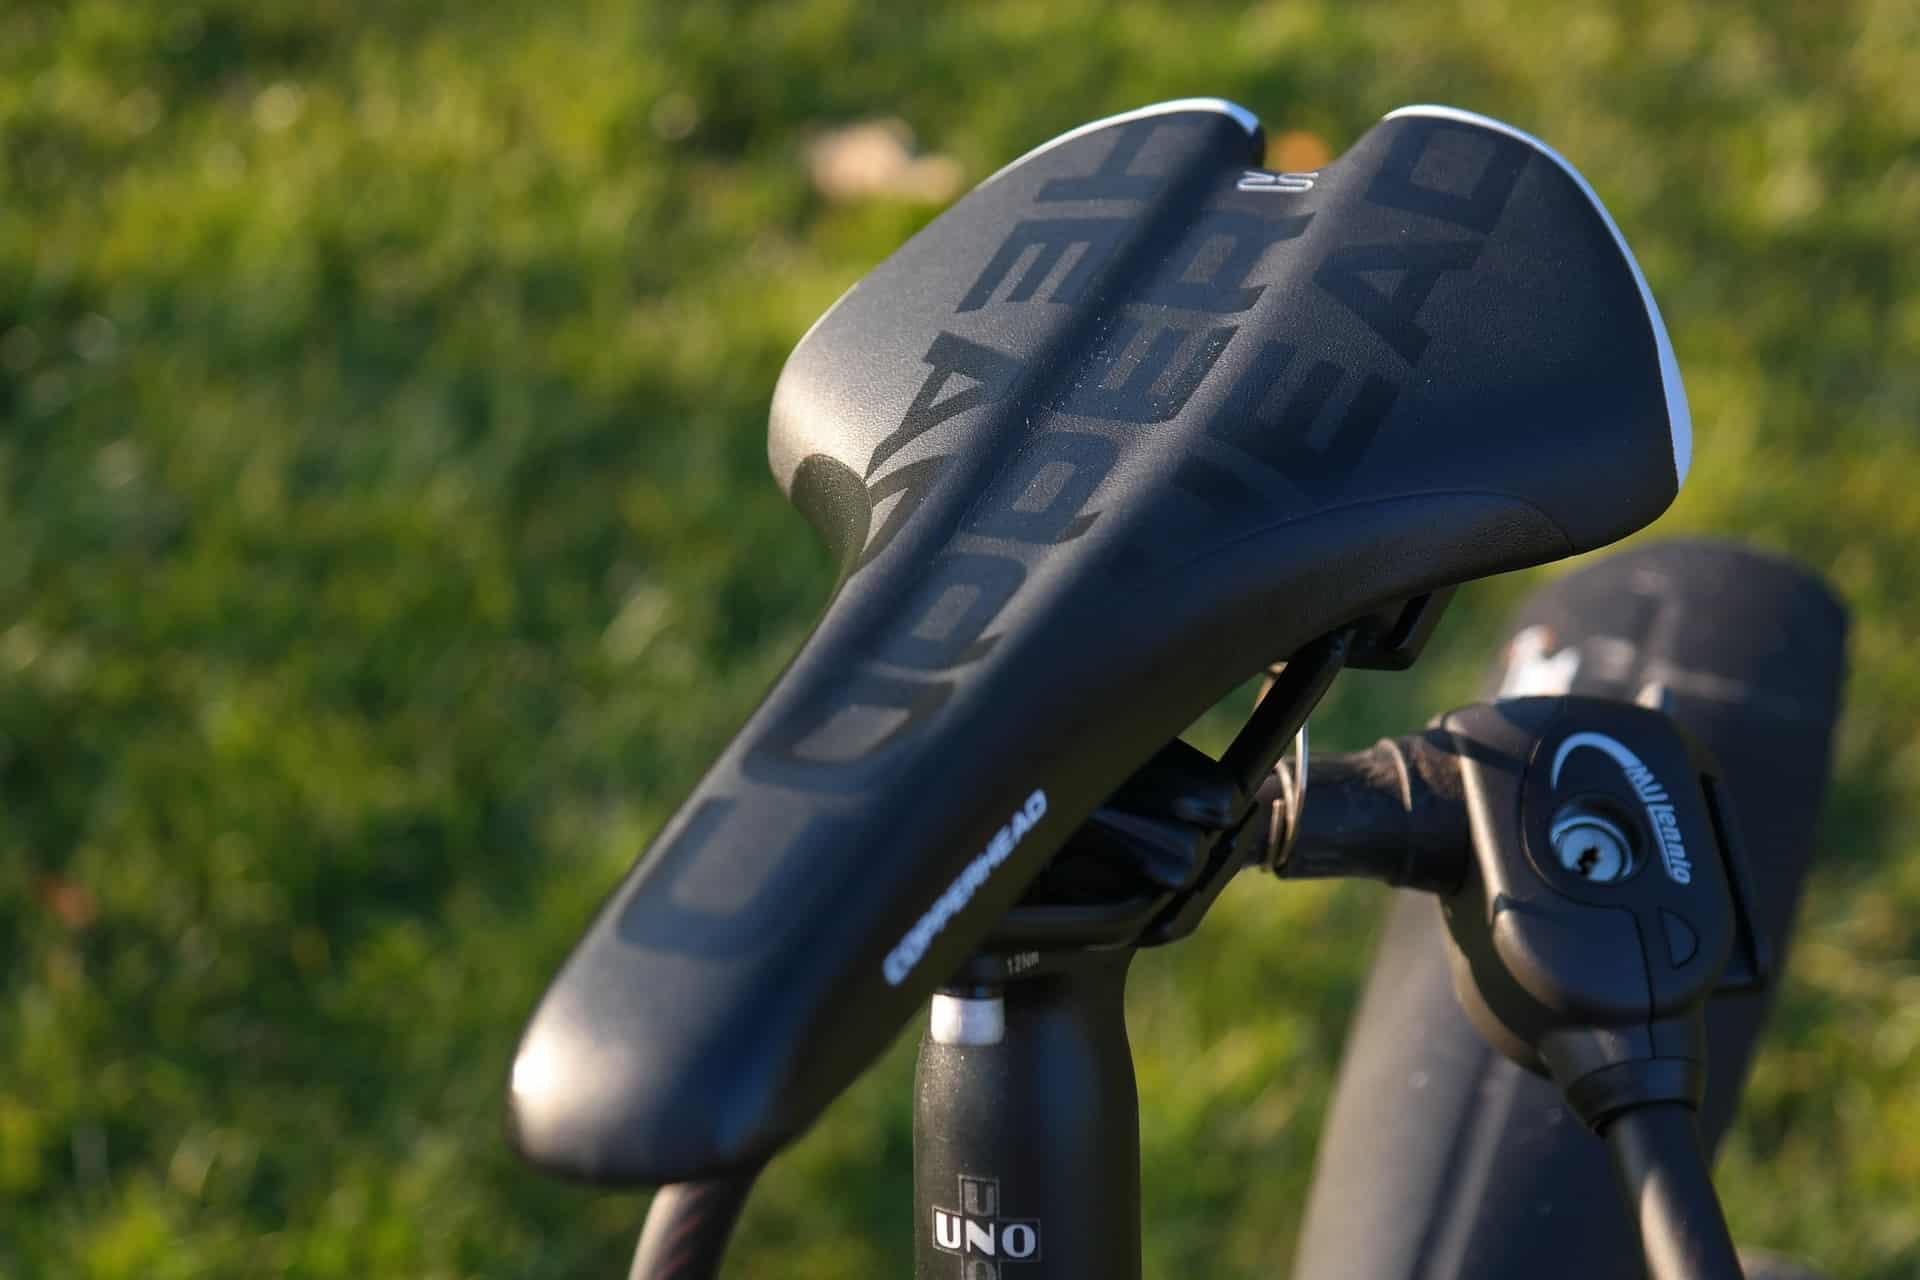 Fahrradsattel: Test & Empfehlungen (08/20)